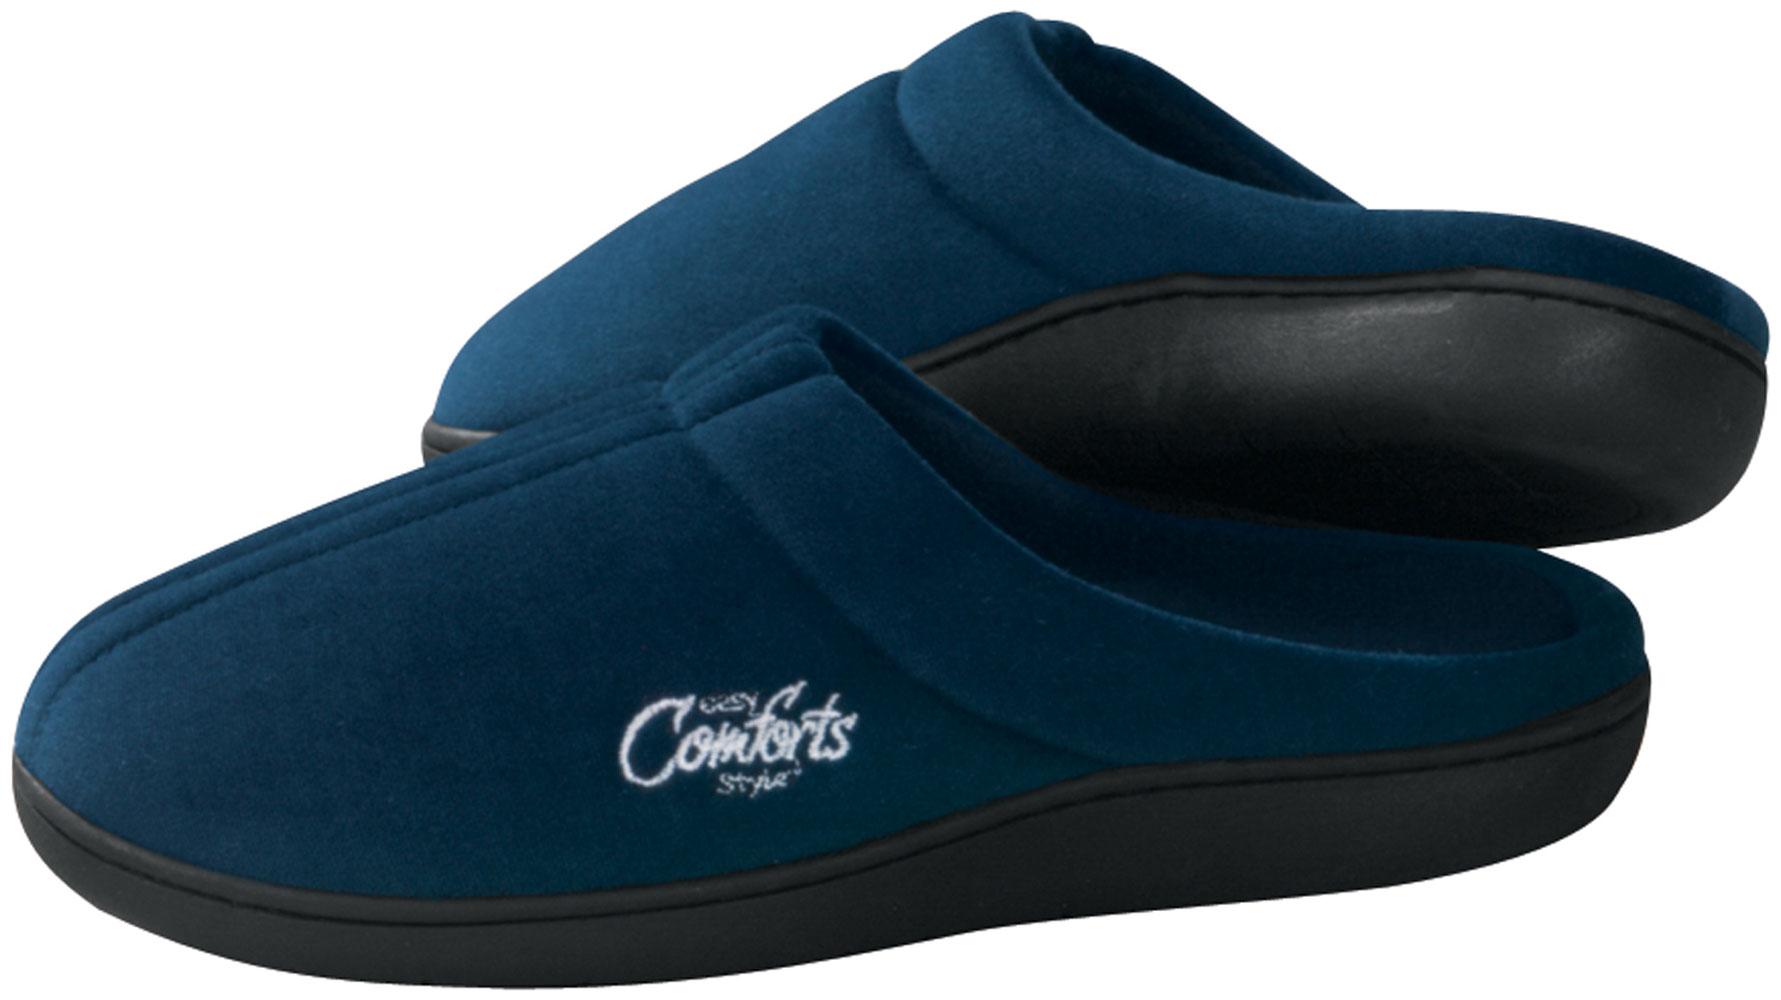 EasyComforts EasyComforts Easy Comforts StyleTM Memory Foam Slippers